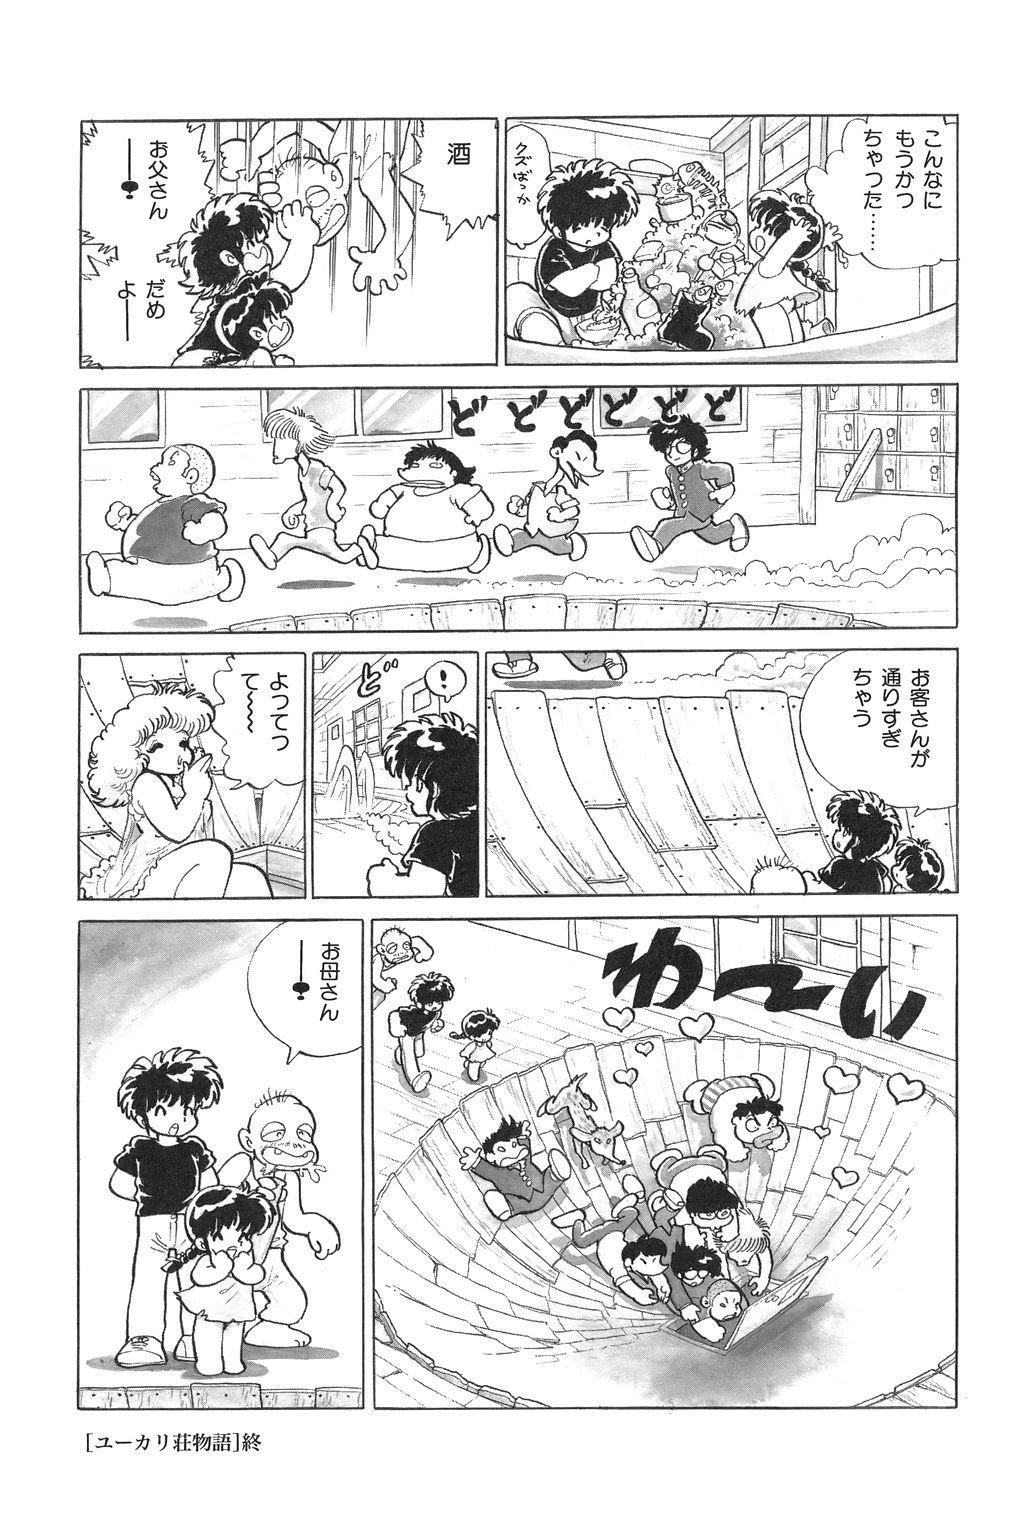 Azuma Hideo Sakuhin Shuusei - Yoru no Tobari no Naka de 304